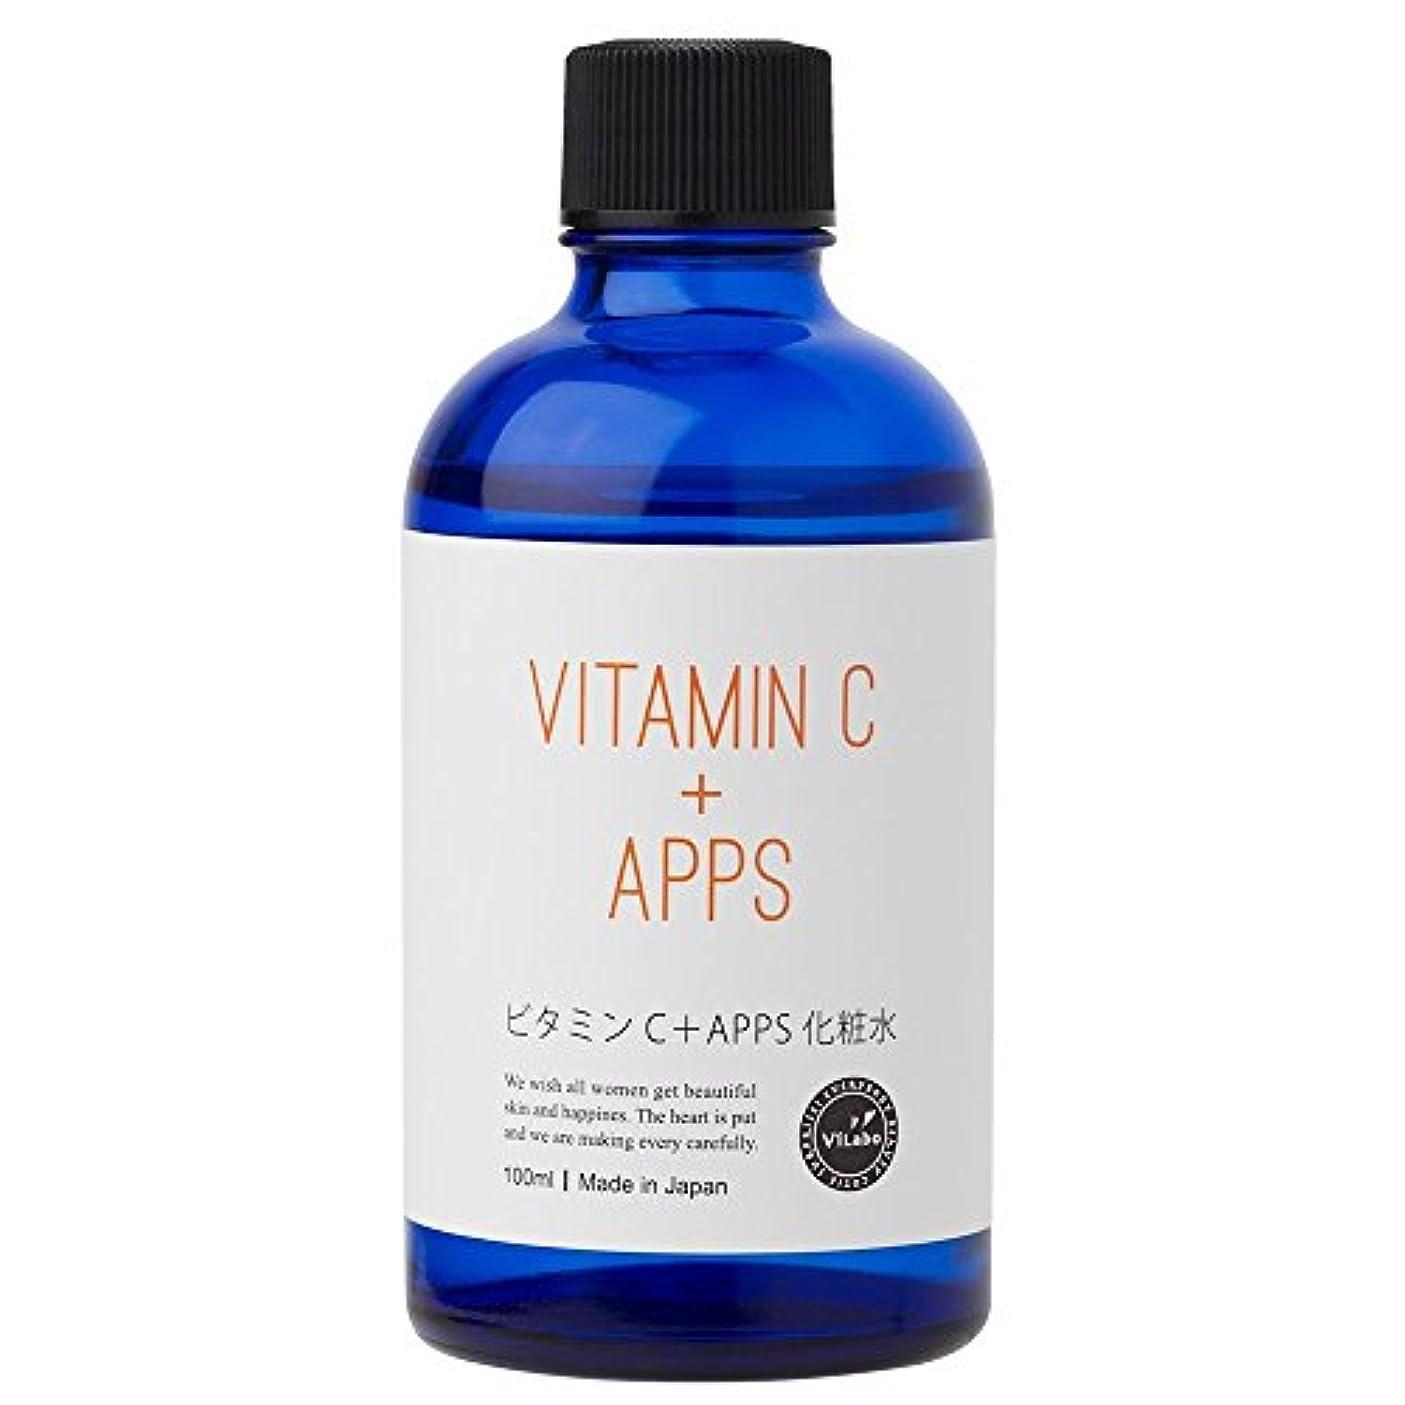 グレートオークフォーム暗くするViLabo APPS+天然ビタミンC化粧水 (販売名:ハッピーローションV)100ml 通常ボトル